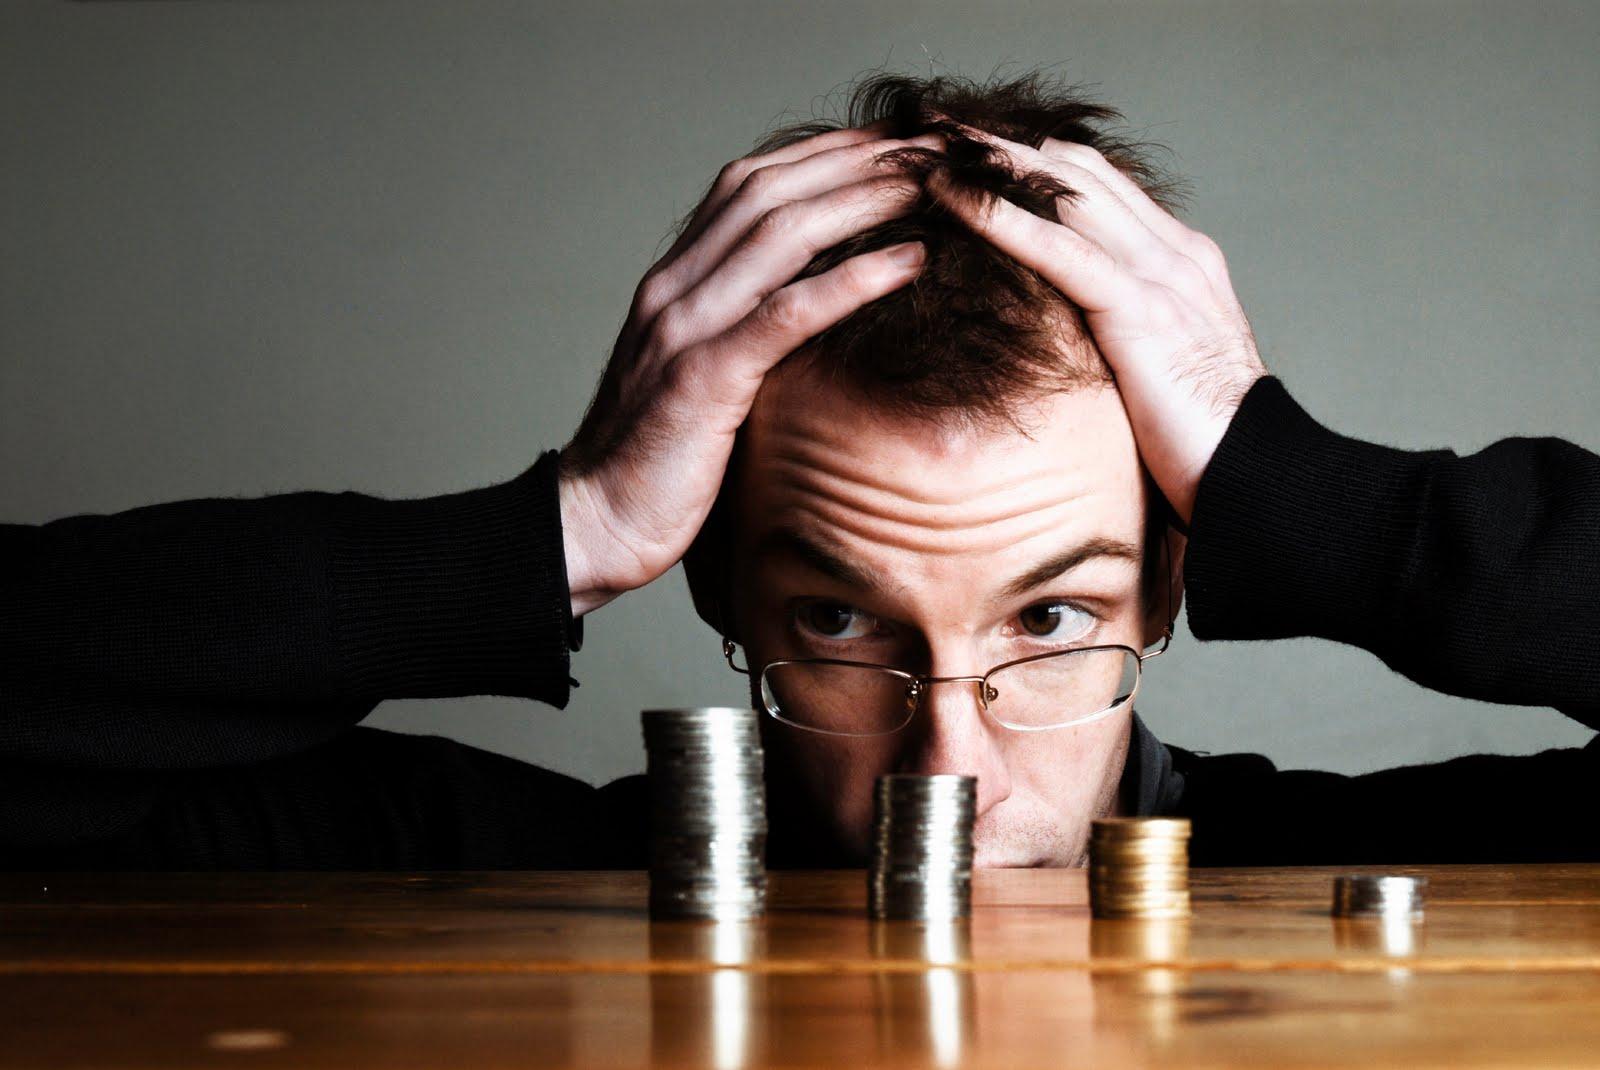 duvidas sobre imposto de renda